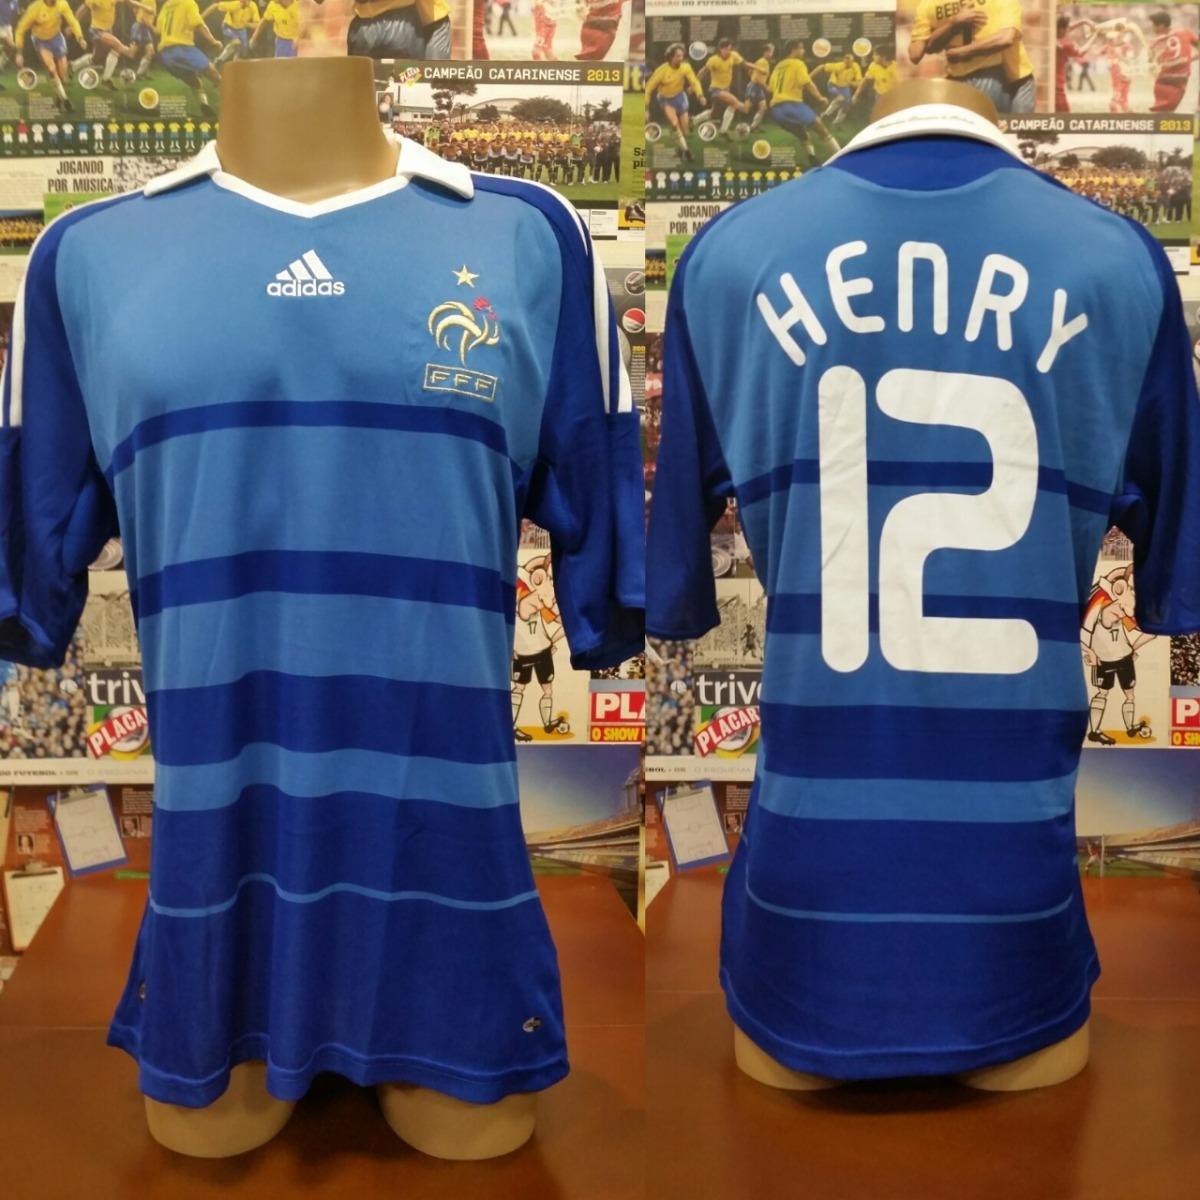 Camisa França - adidas -  12 Henry - 2008   2009 - G - R  230 e4739b5f08e57